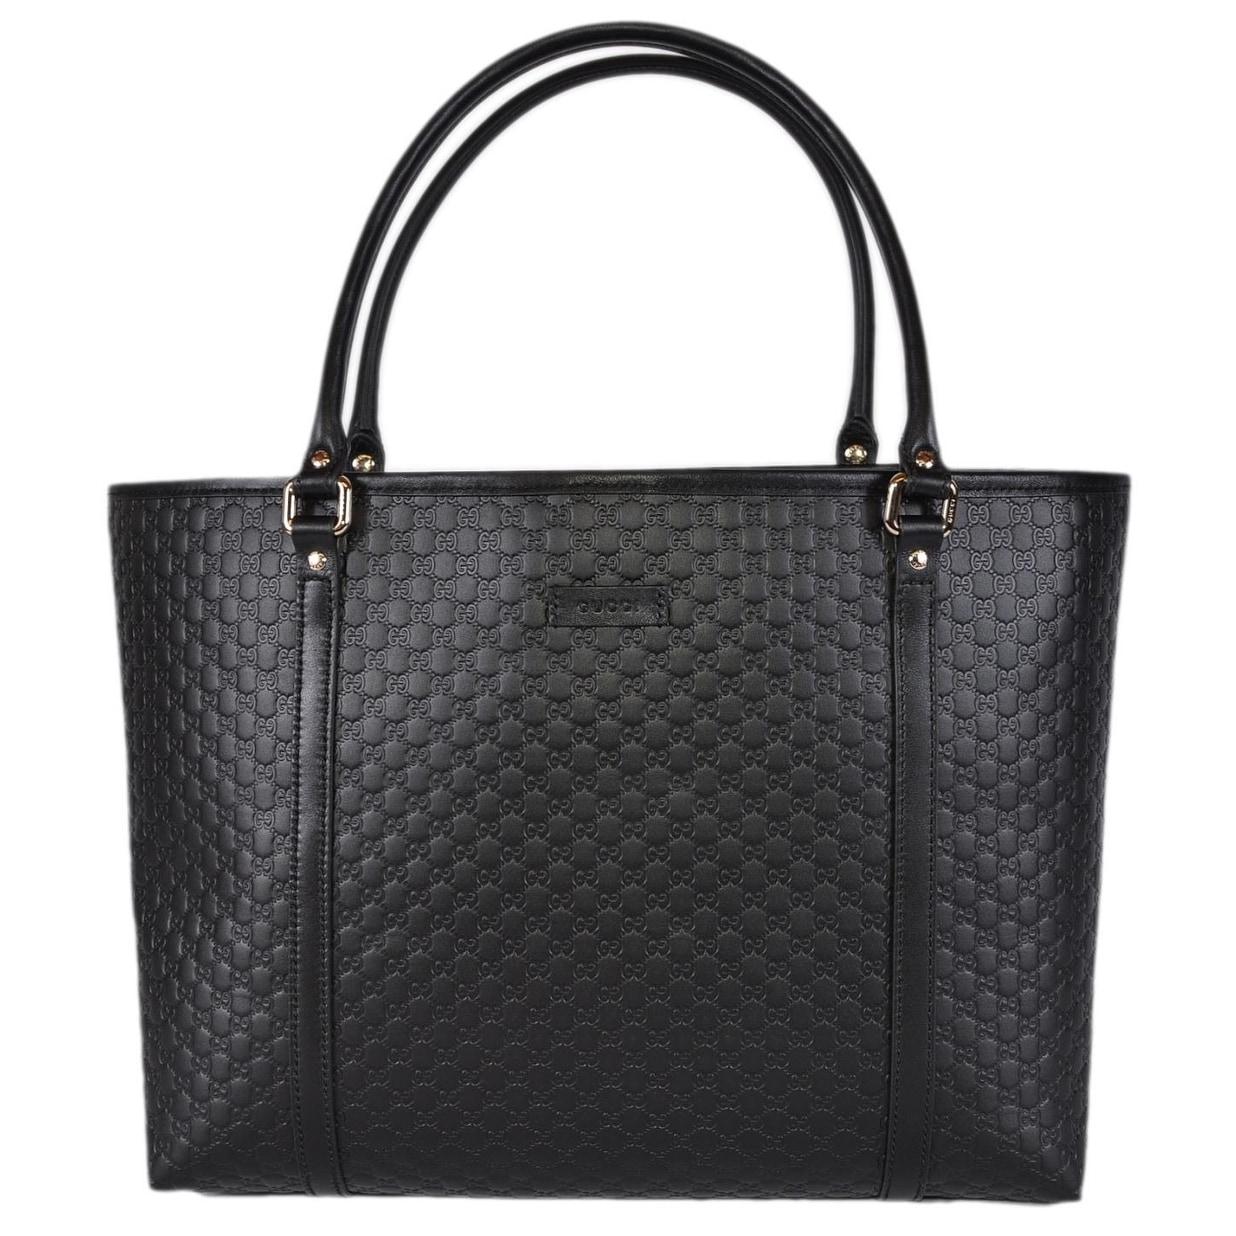 4097a3f9e4a Gucci 449647 Black Leather Micro GG Guccissima Joy Purse Handbag Tote